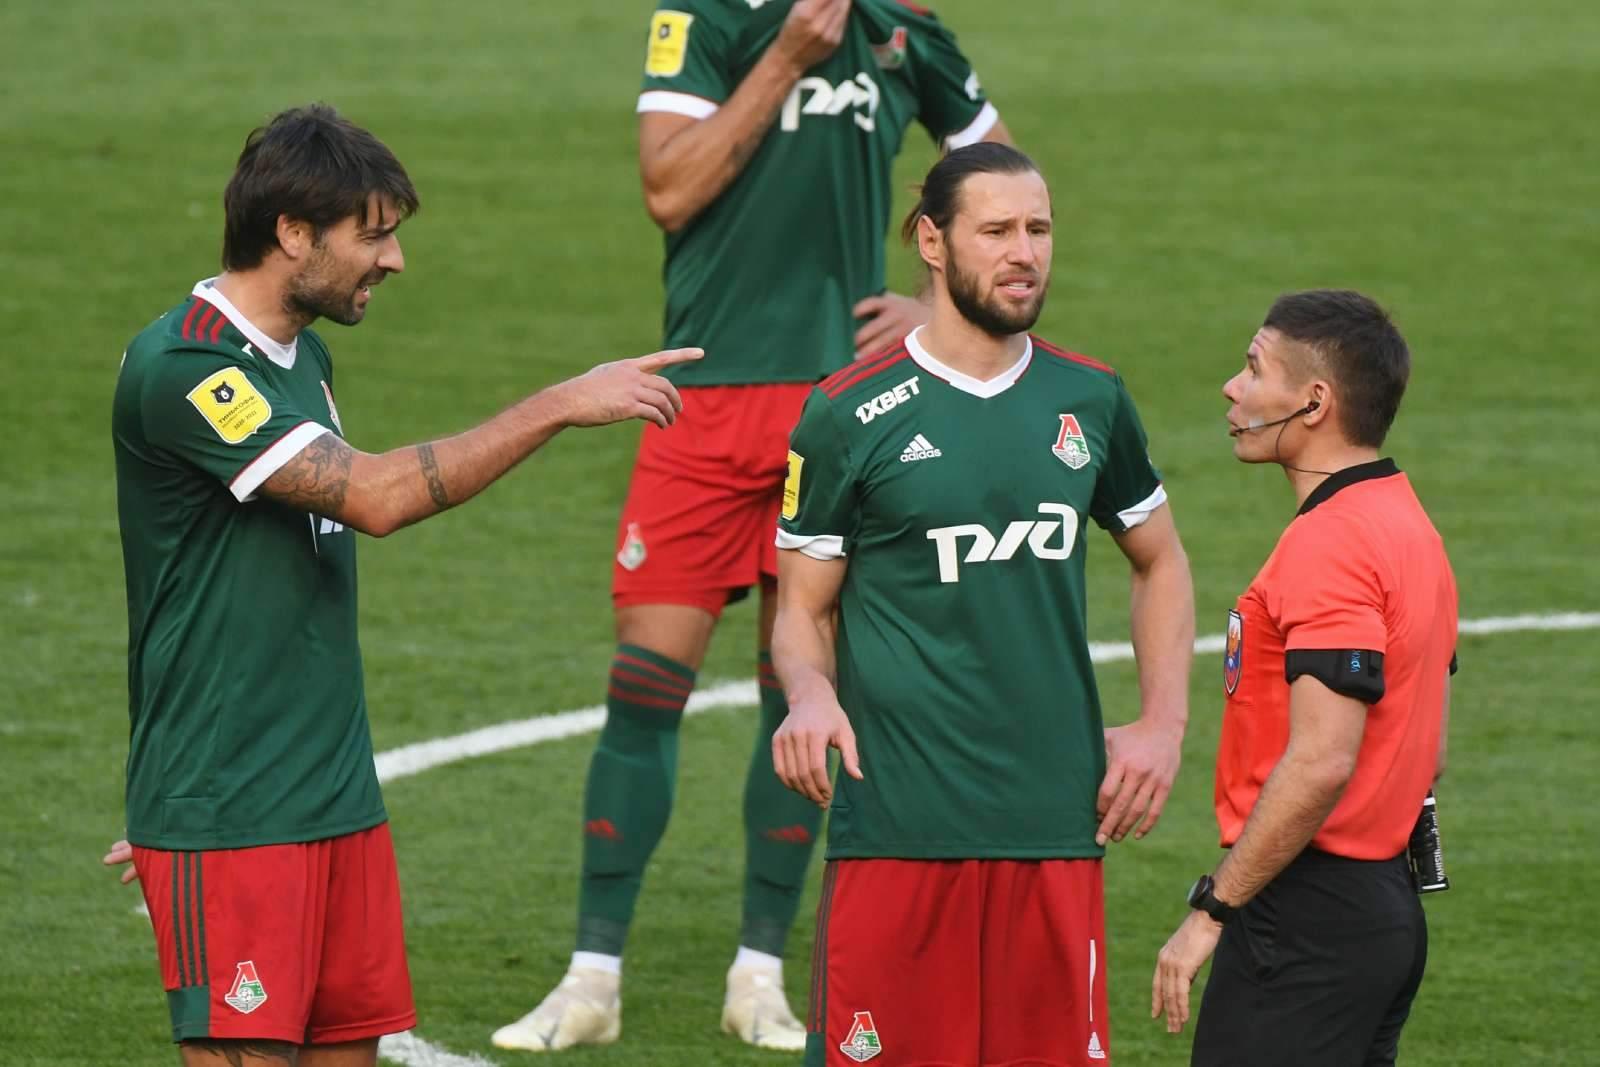 Ираклий Пирцхалава - о «Локомотиве»: На одном везении в Лиге чемпионов далеко не пройти